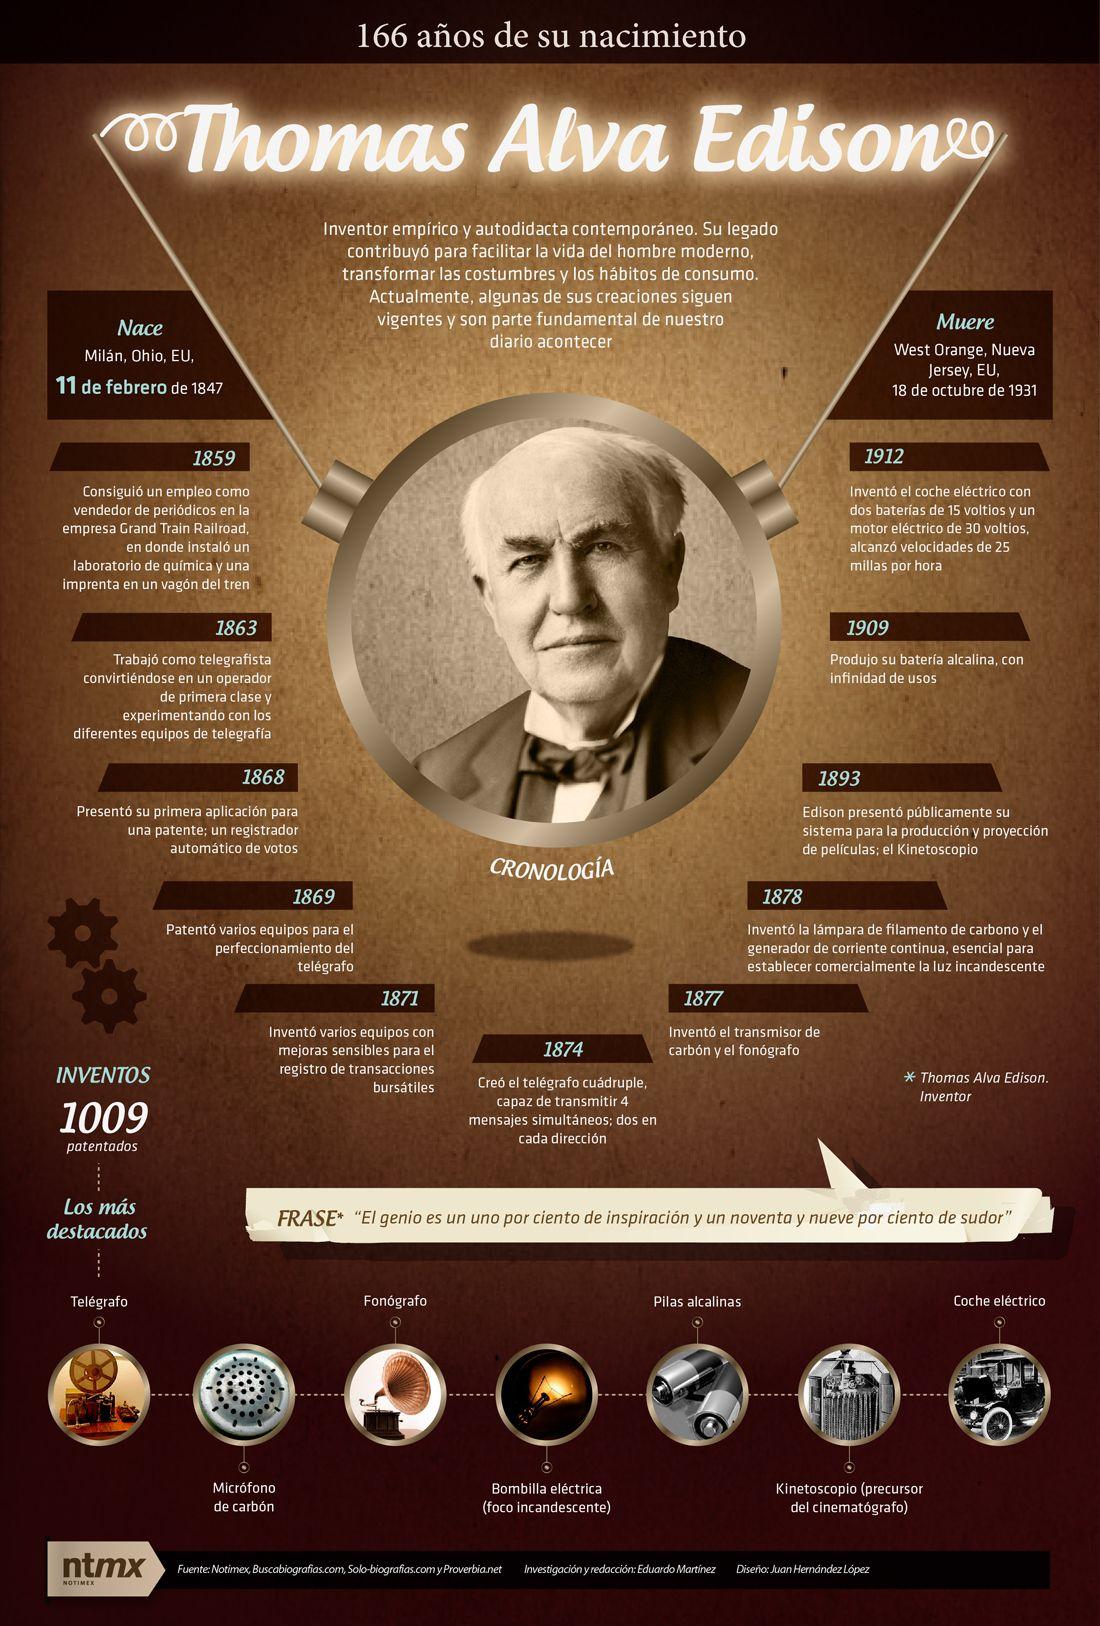 Sabiasque Un Dia Como Hoy Pero De 1847 Nace Thomas Alba Edison Entre Sus Inventos Patentados Est Ensenanza De Quimica Ensenanza De La Historia Inventores